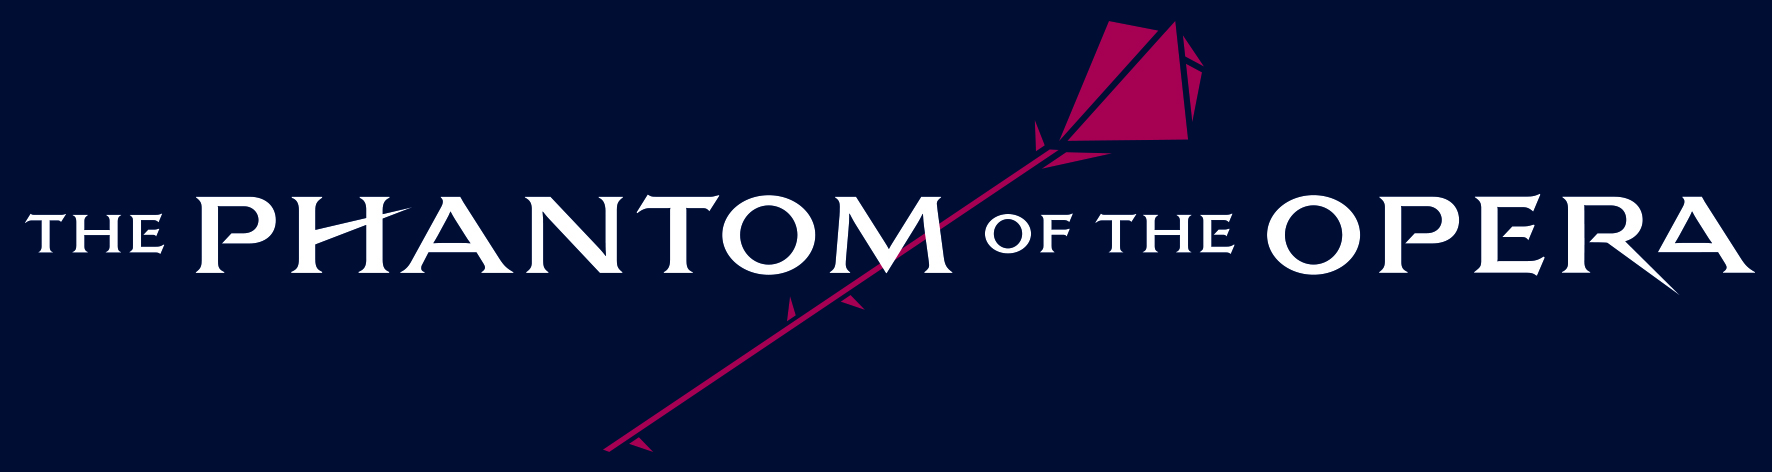 Phantom_logo6.jpg